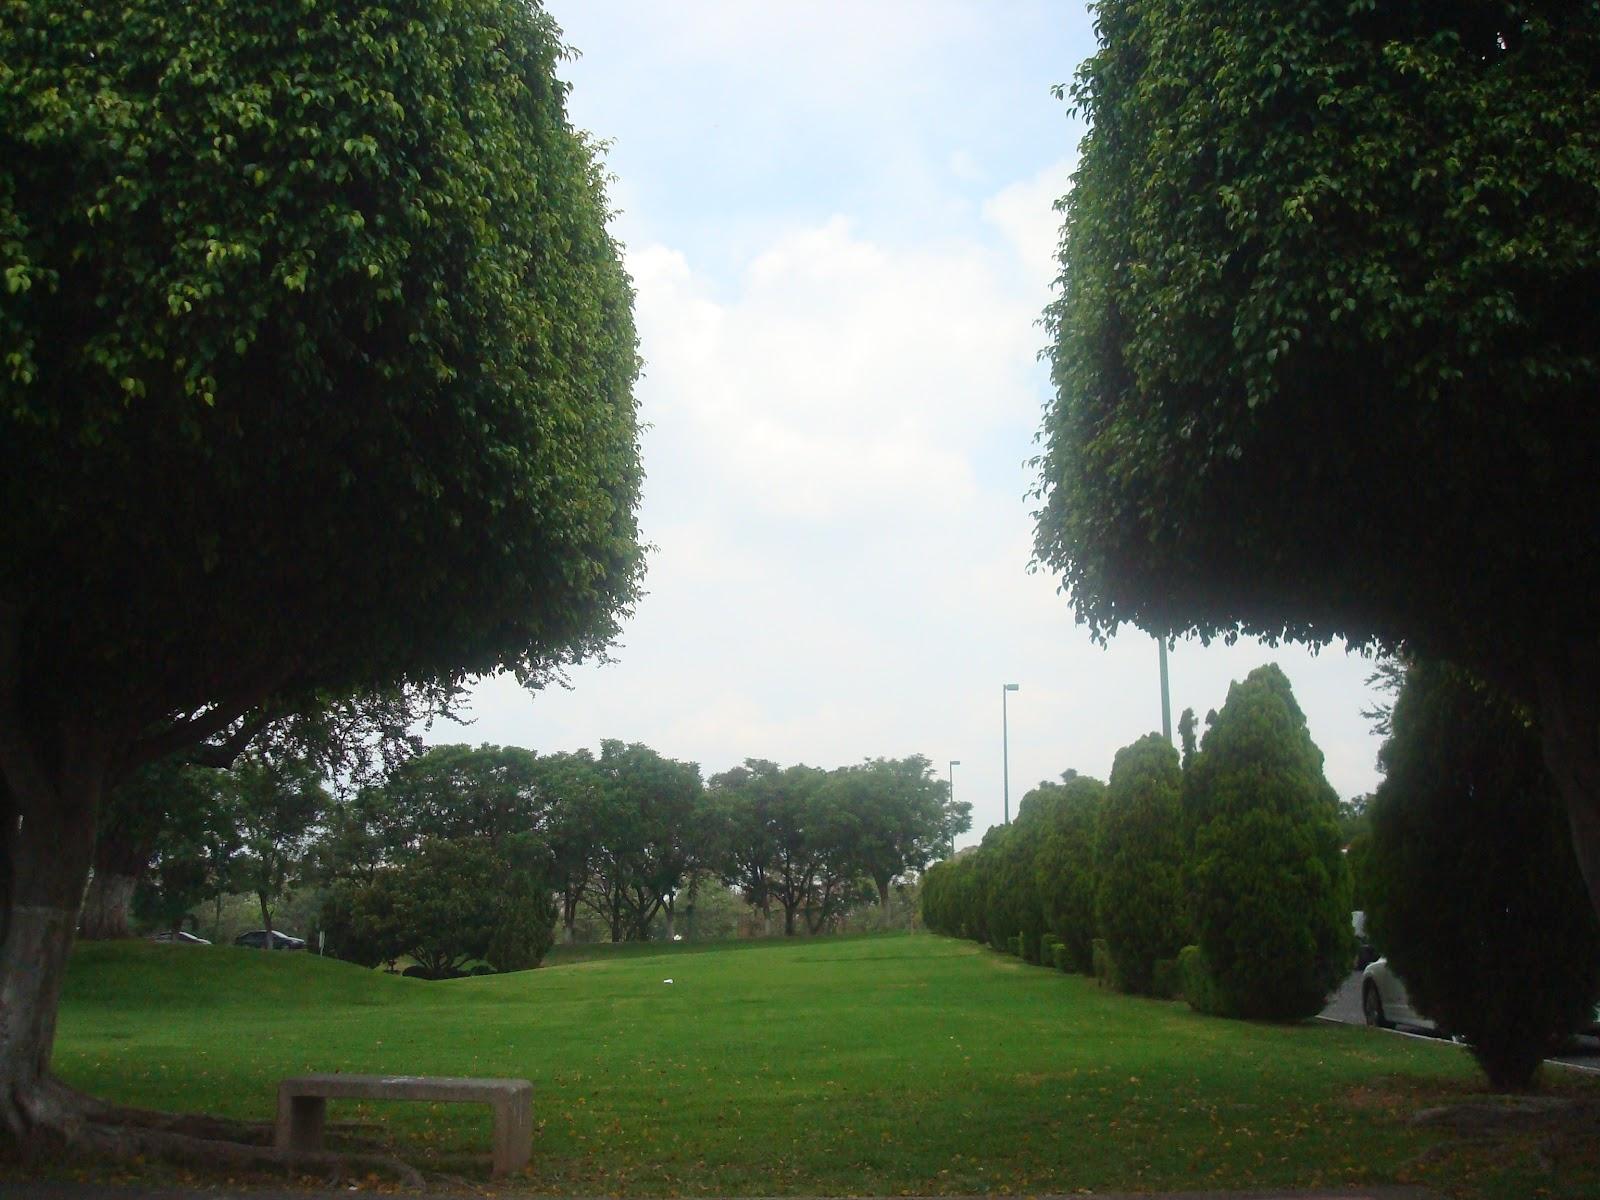 Sancarlosfortin jardin de pinos - Pinos para jardin ...